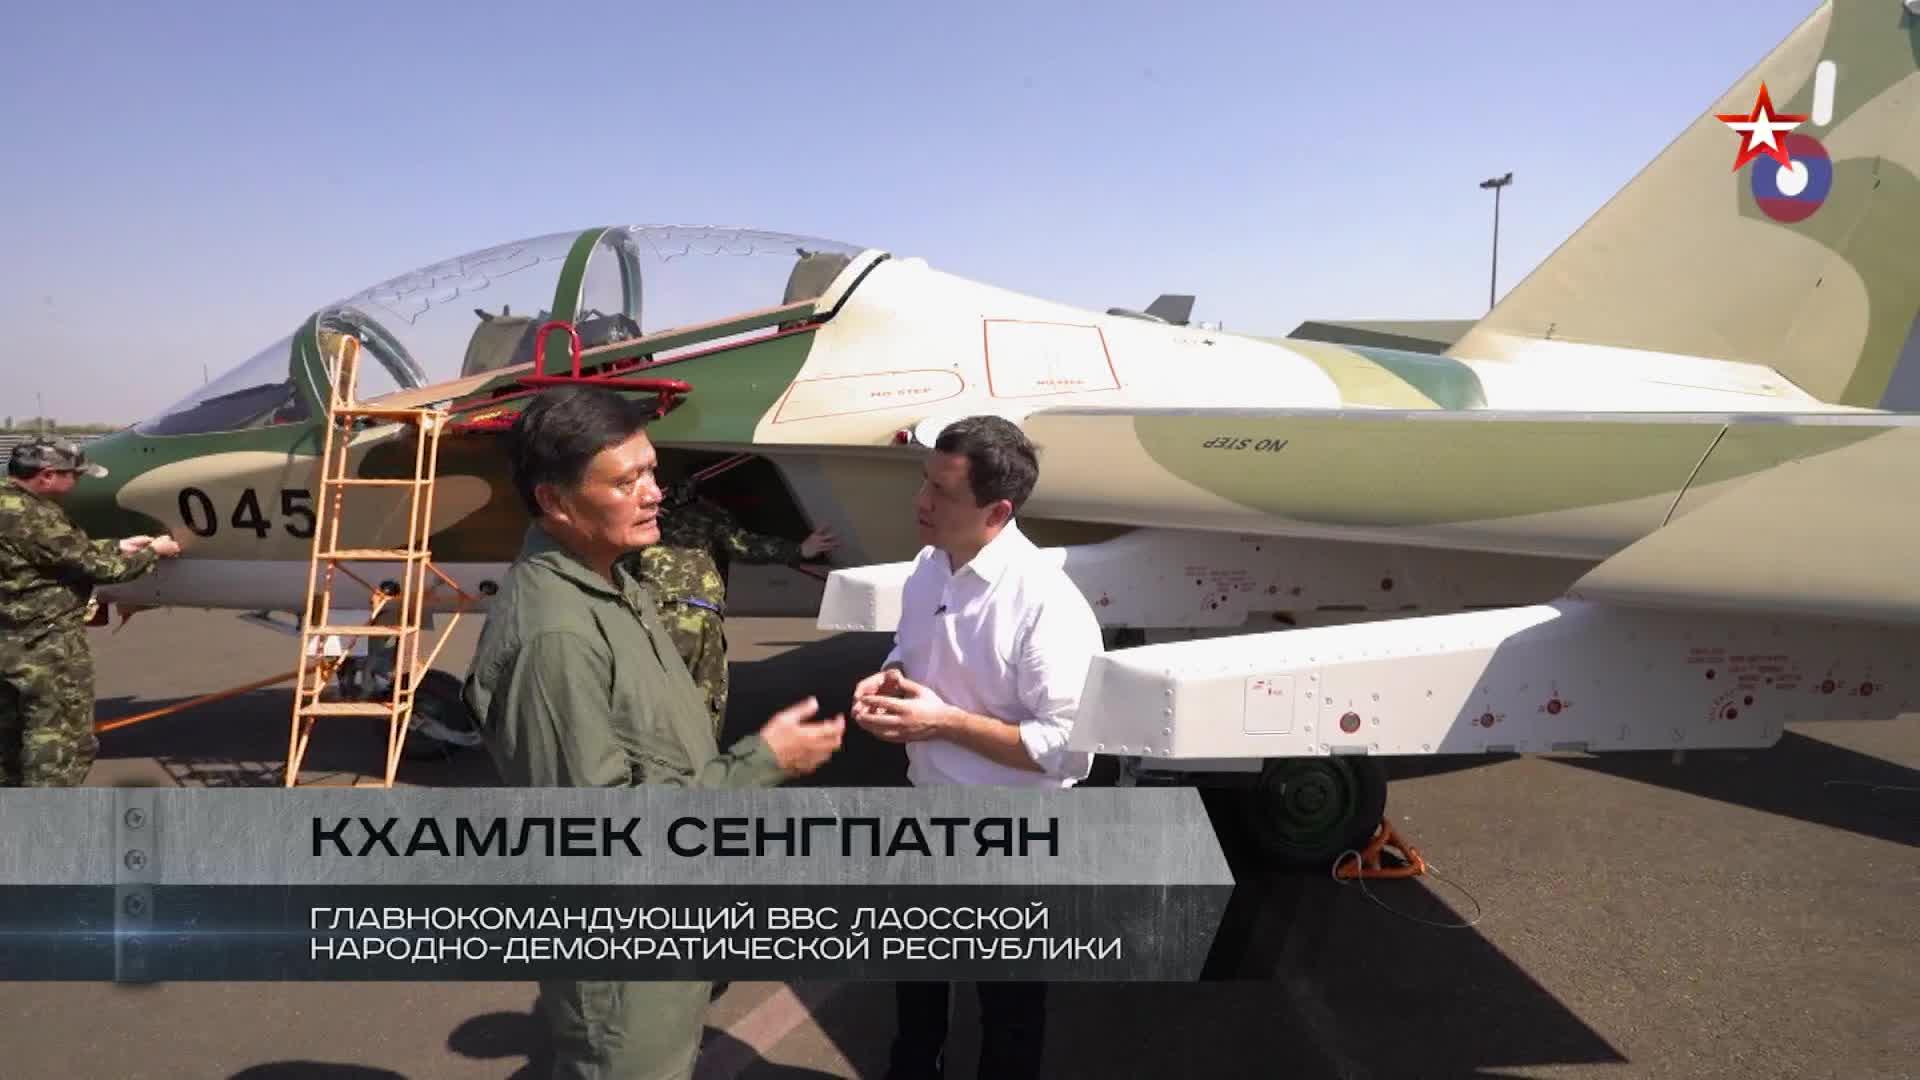 Quan chức cao cấp Sengpatyan, tư lệnh lực lượng không quân Lào trả lời phỏng vấn kênh truyền hình Ngôi Sao. Video: TV Zvezda.